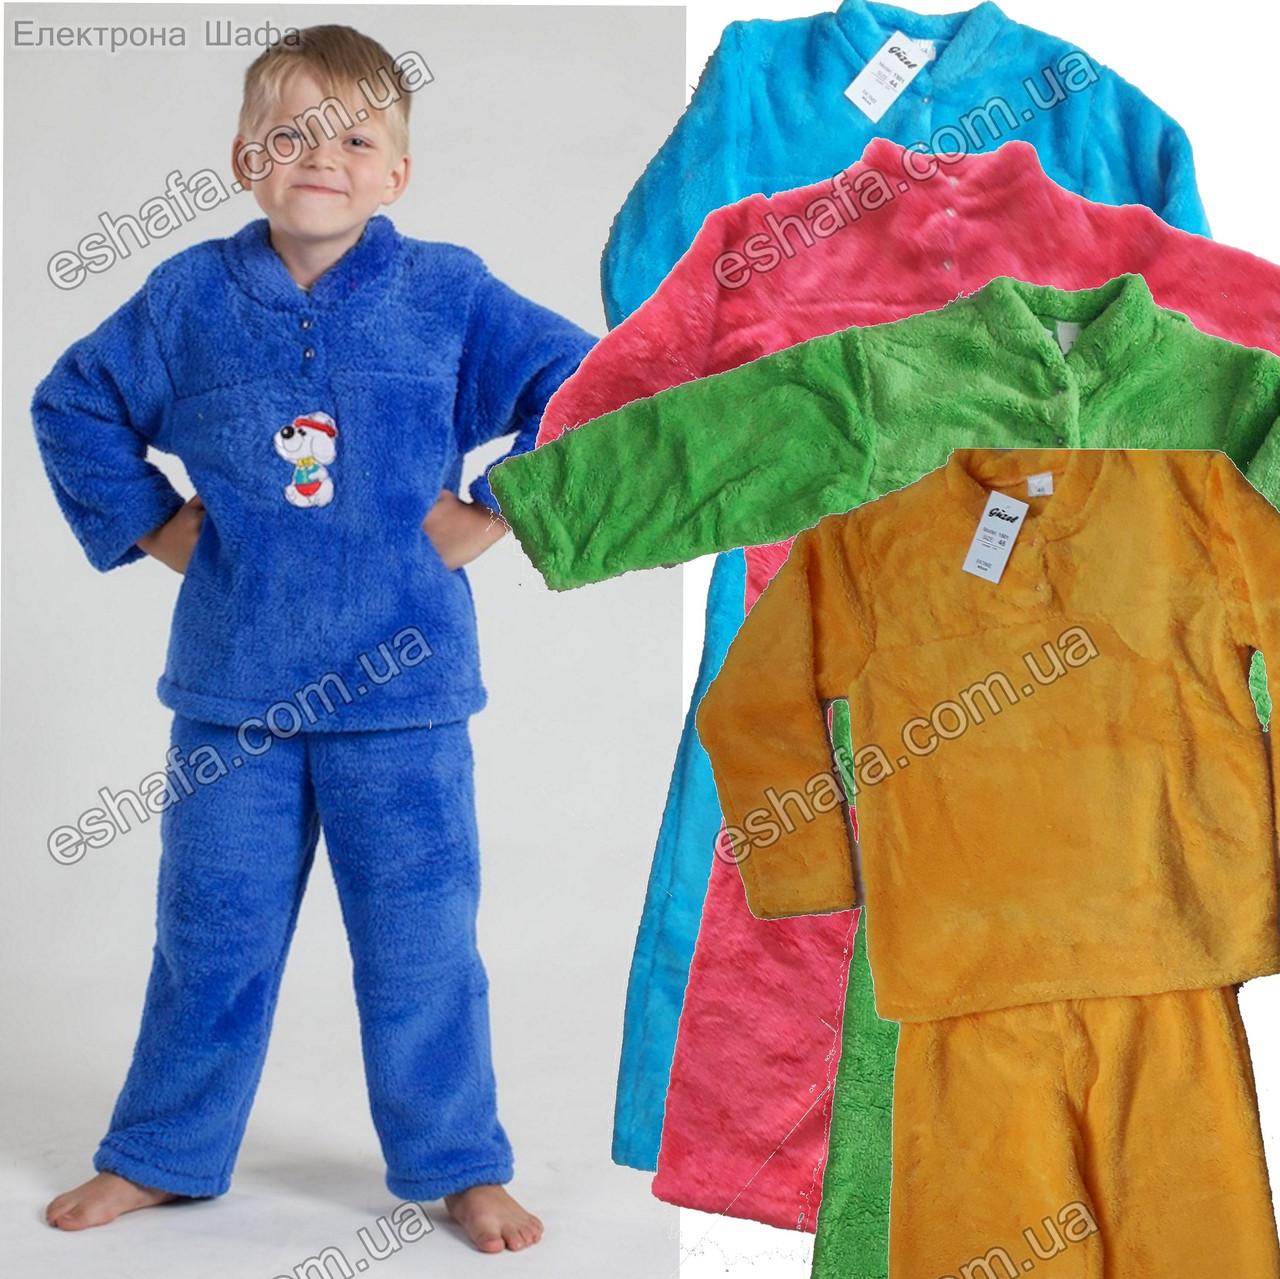 ebb02ec12ec5a Детская махровая пижама унисекс 7-8 лет - Eshafa - Електрона Шафа в Киеве